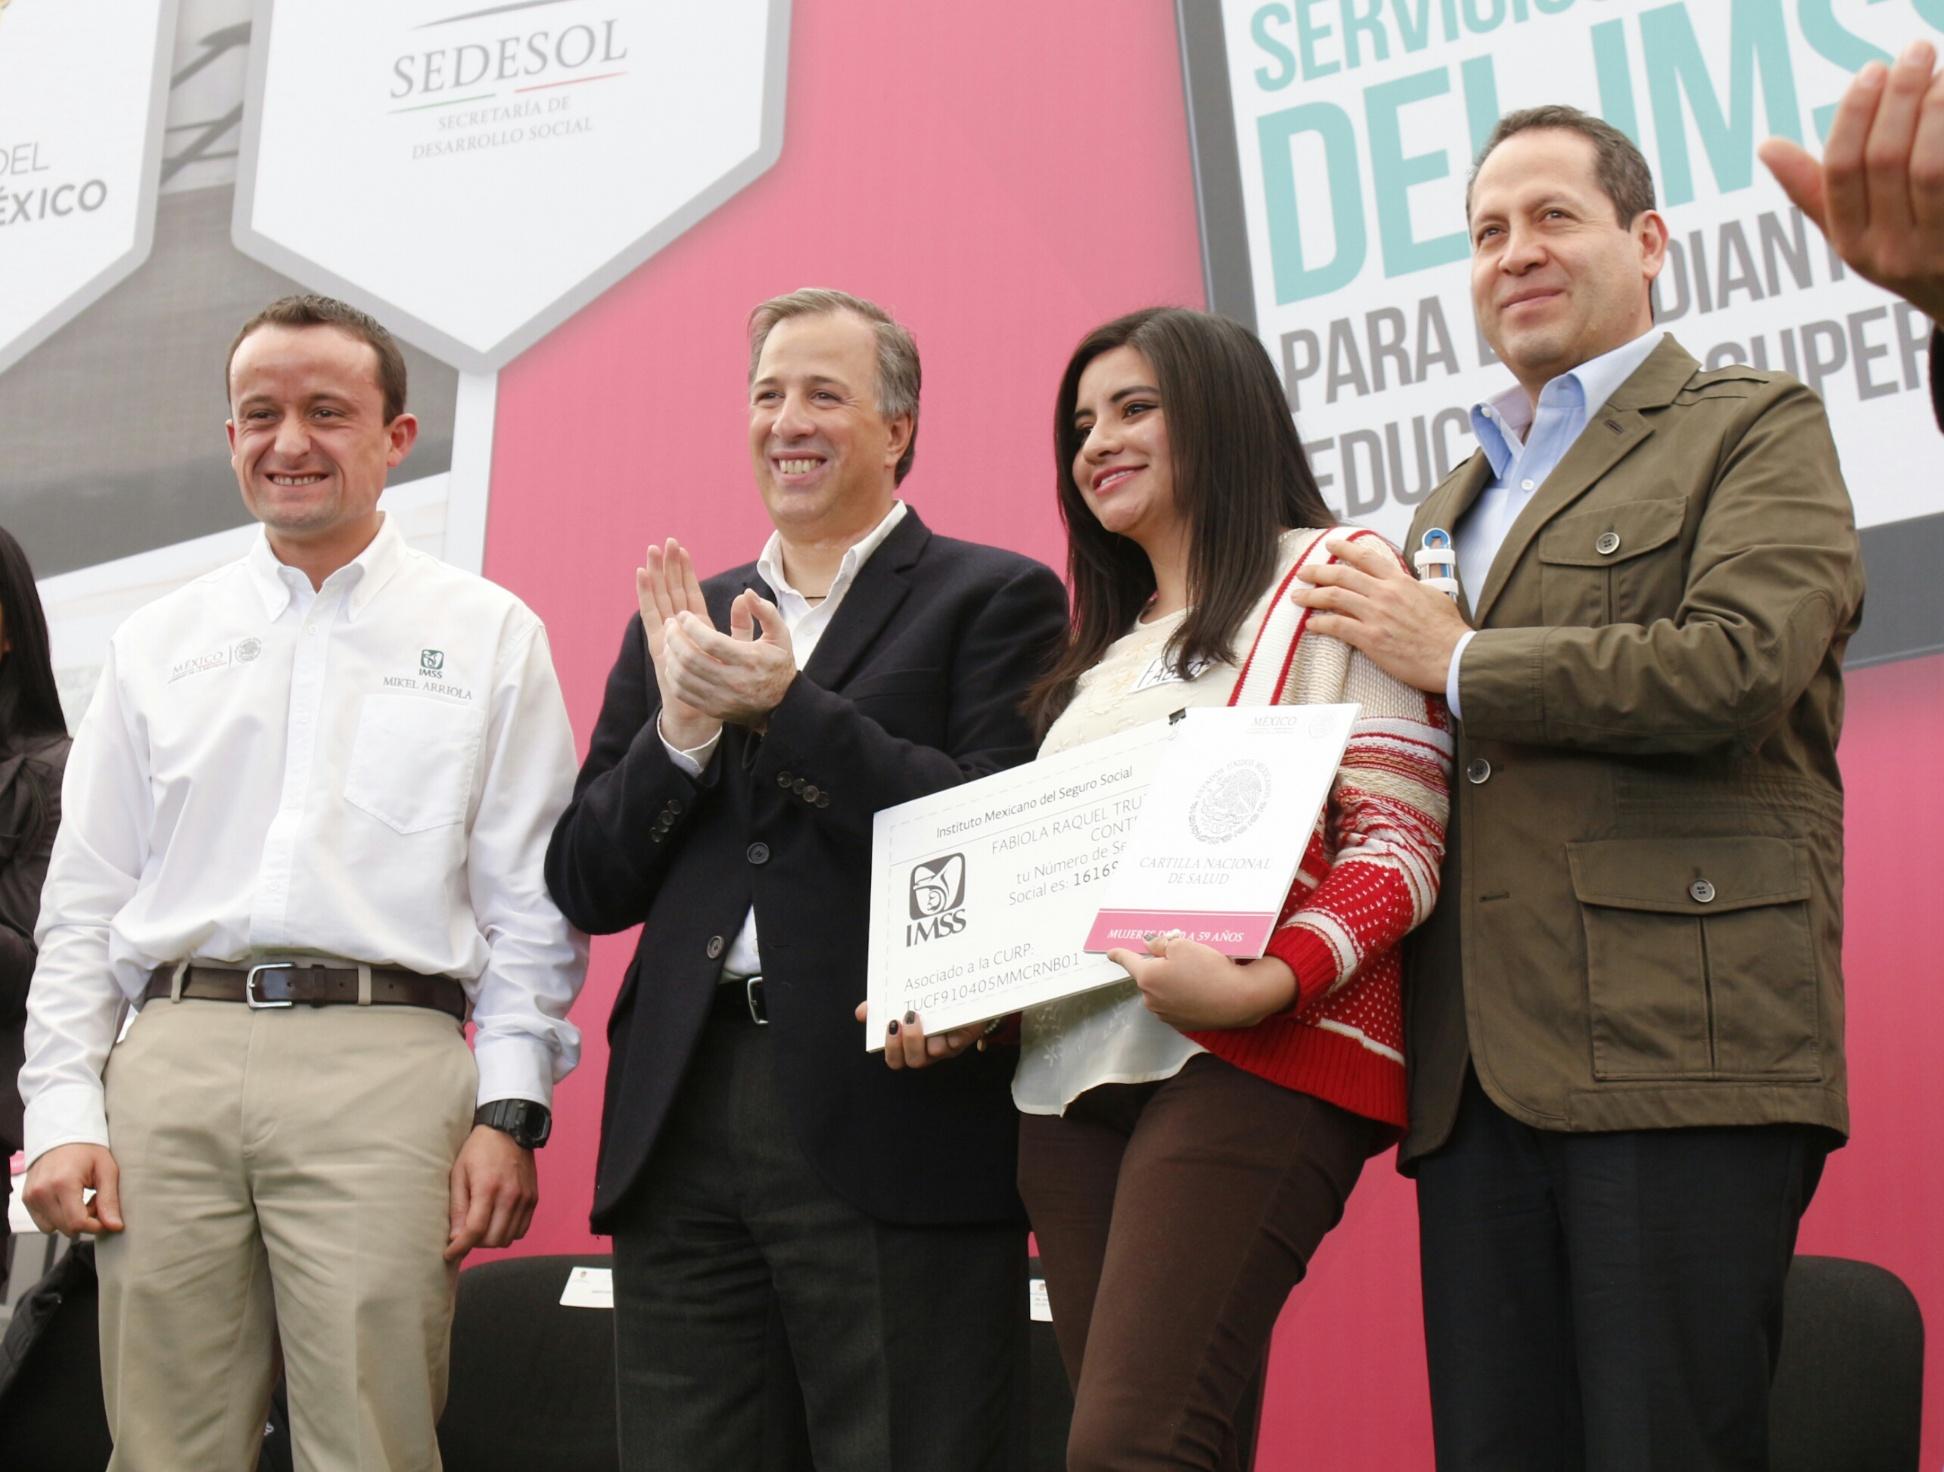 El secretario de Desarrollo Social, Jose Antonio Meade Kuribreña, y el director del IMSS, Mikel Arriola Peñalosa, entregaron simbólicamente a estudiantes mexiquenses los primeros 500 mil registros de seguridad social